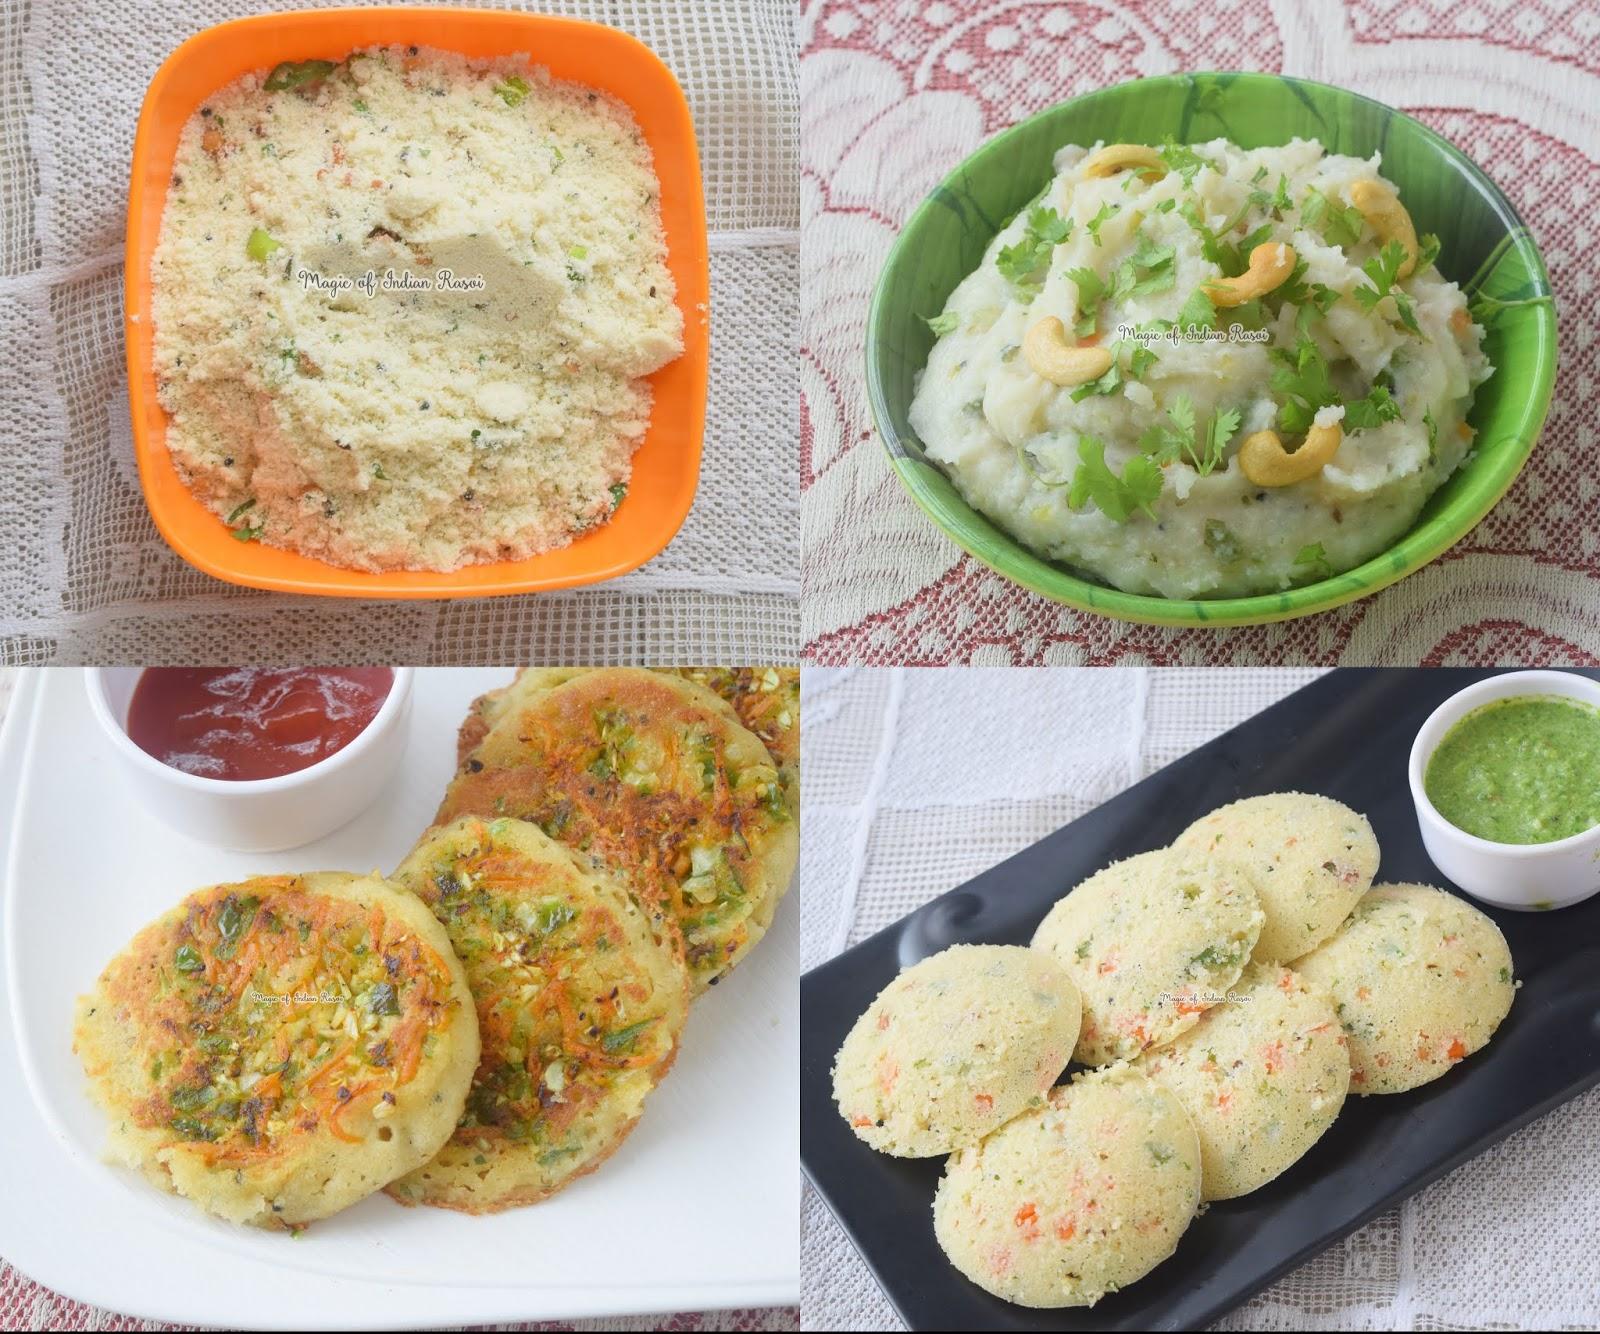 1 Mix 3 Breakfast Recipes -  एक प्रीमिक्स में से ३ अलग नाश्ते बनाये - Priya R - Magic of Indian Rasoi